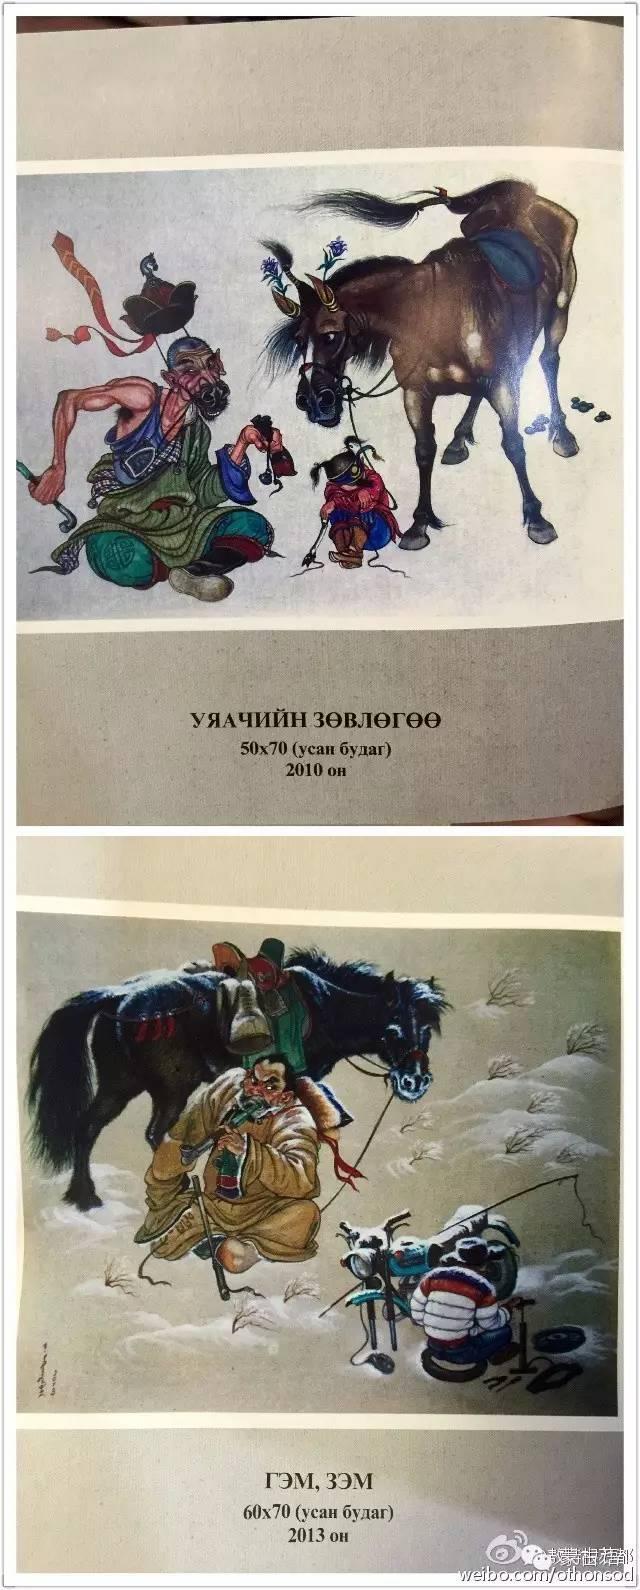 【美图】蒙古画家都仁图古斯作品欣赏 第5张